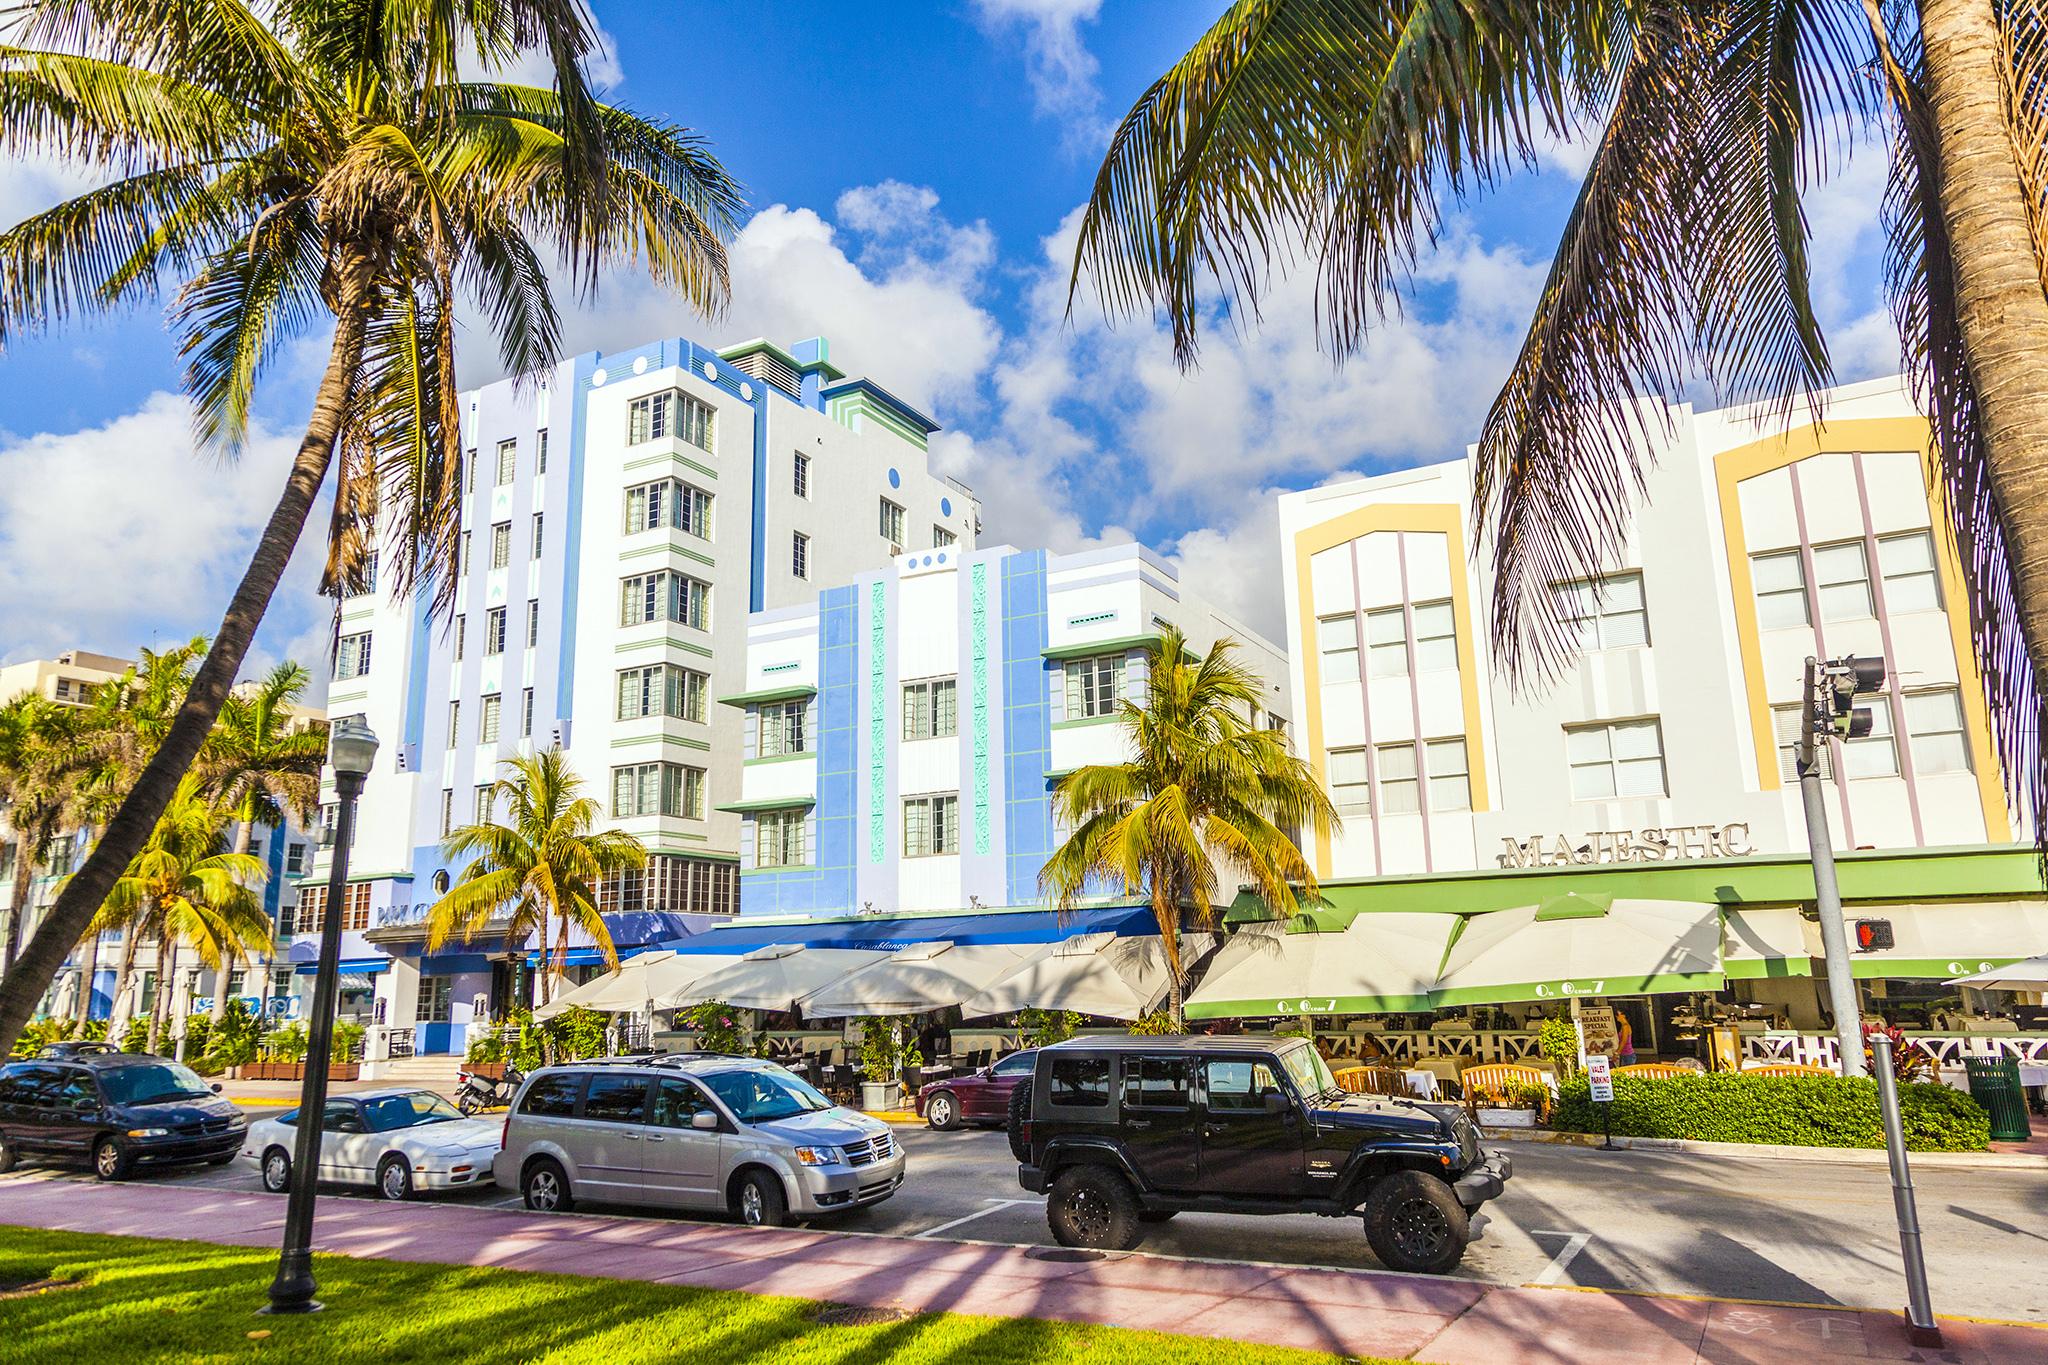 Miami parking hacks by neighborhood